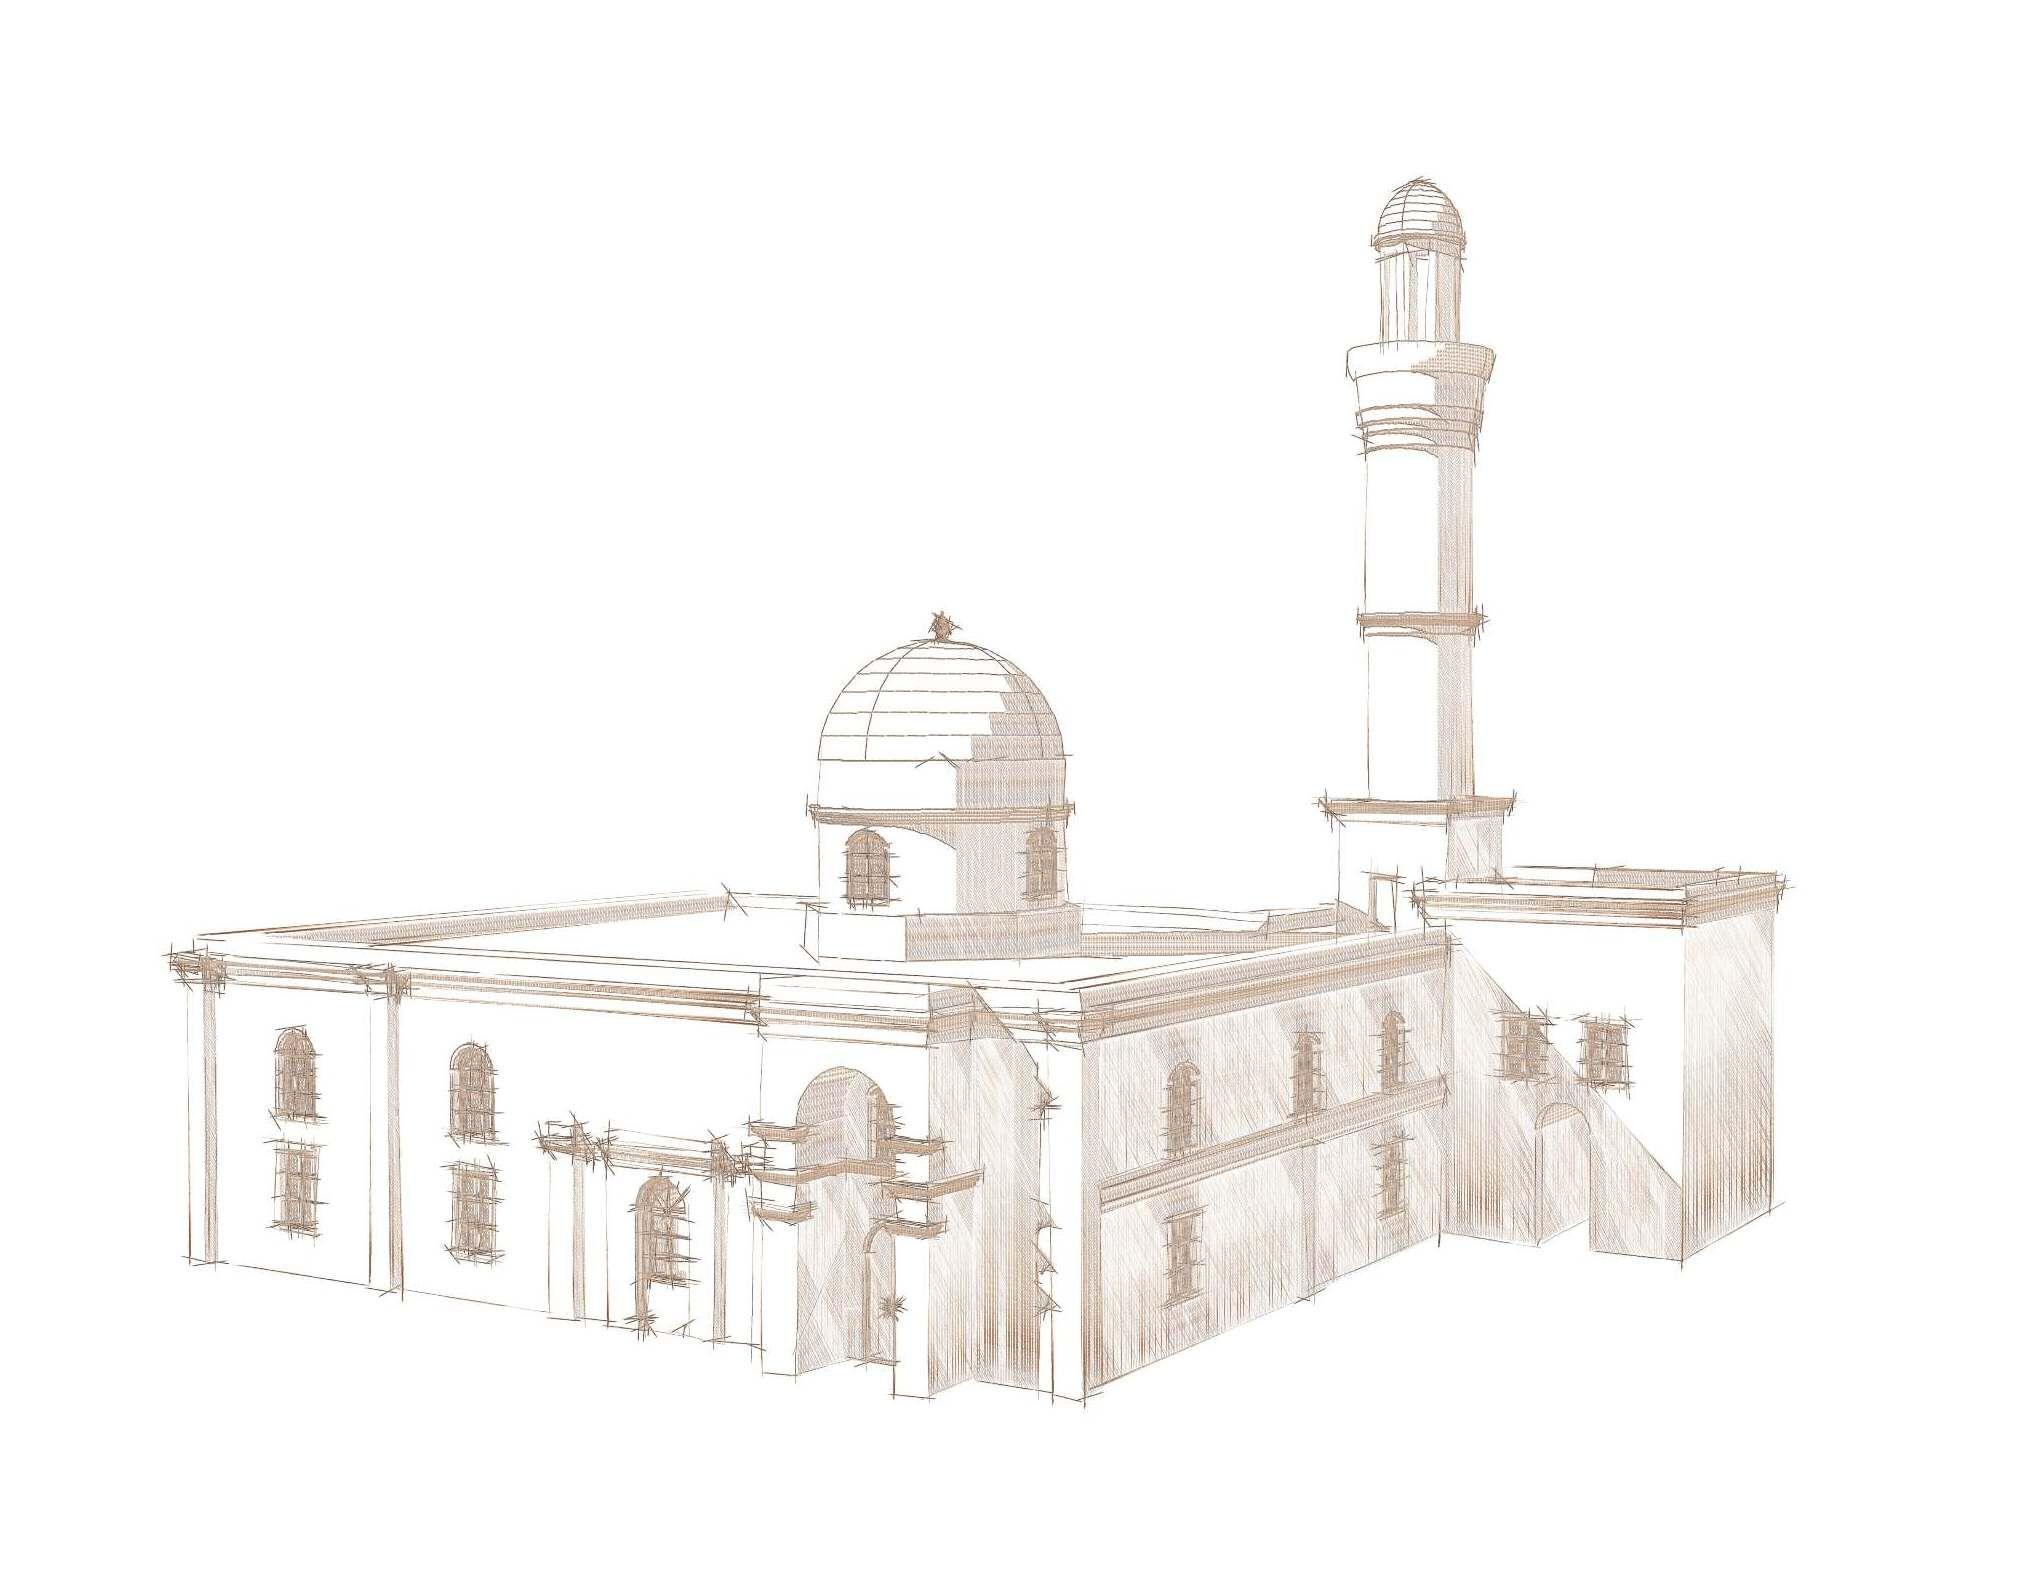 Курсовая работа по реставрации Эскиз Ага мечети в Нардаране после  Курсовая работа по реставрации Эскиз Ага мечети в Нардаране после реставрации